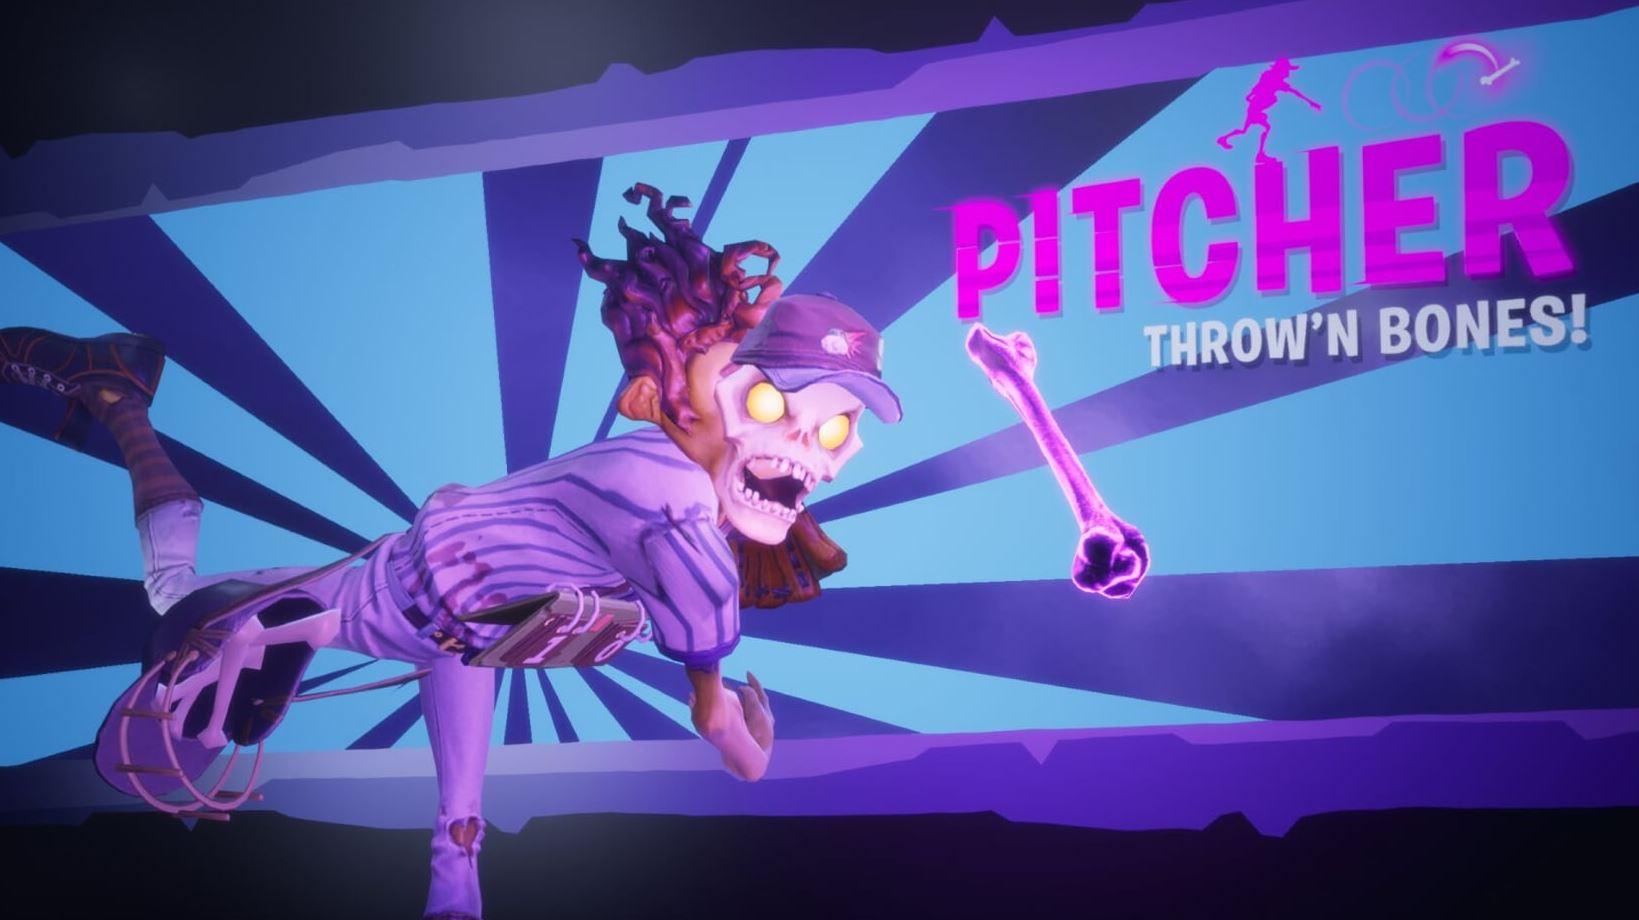 Fortnite Pitcher